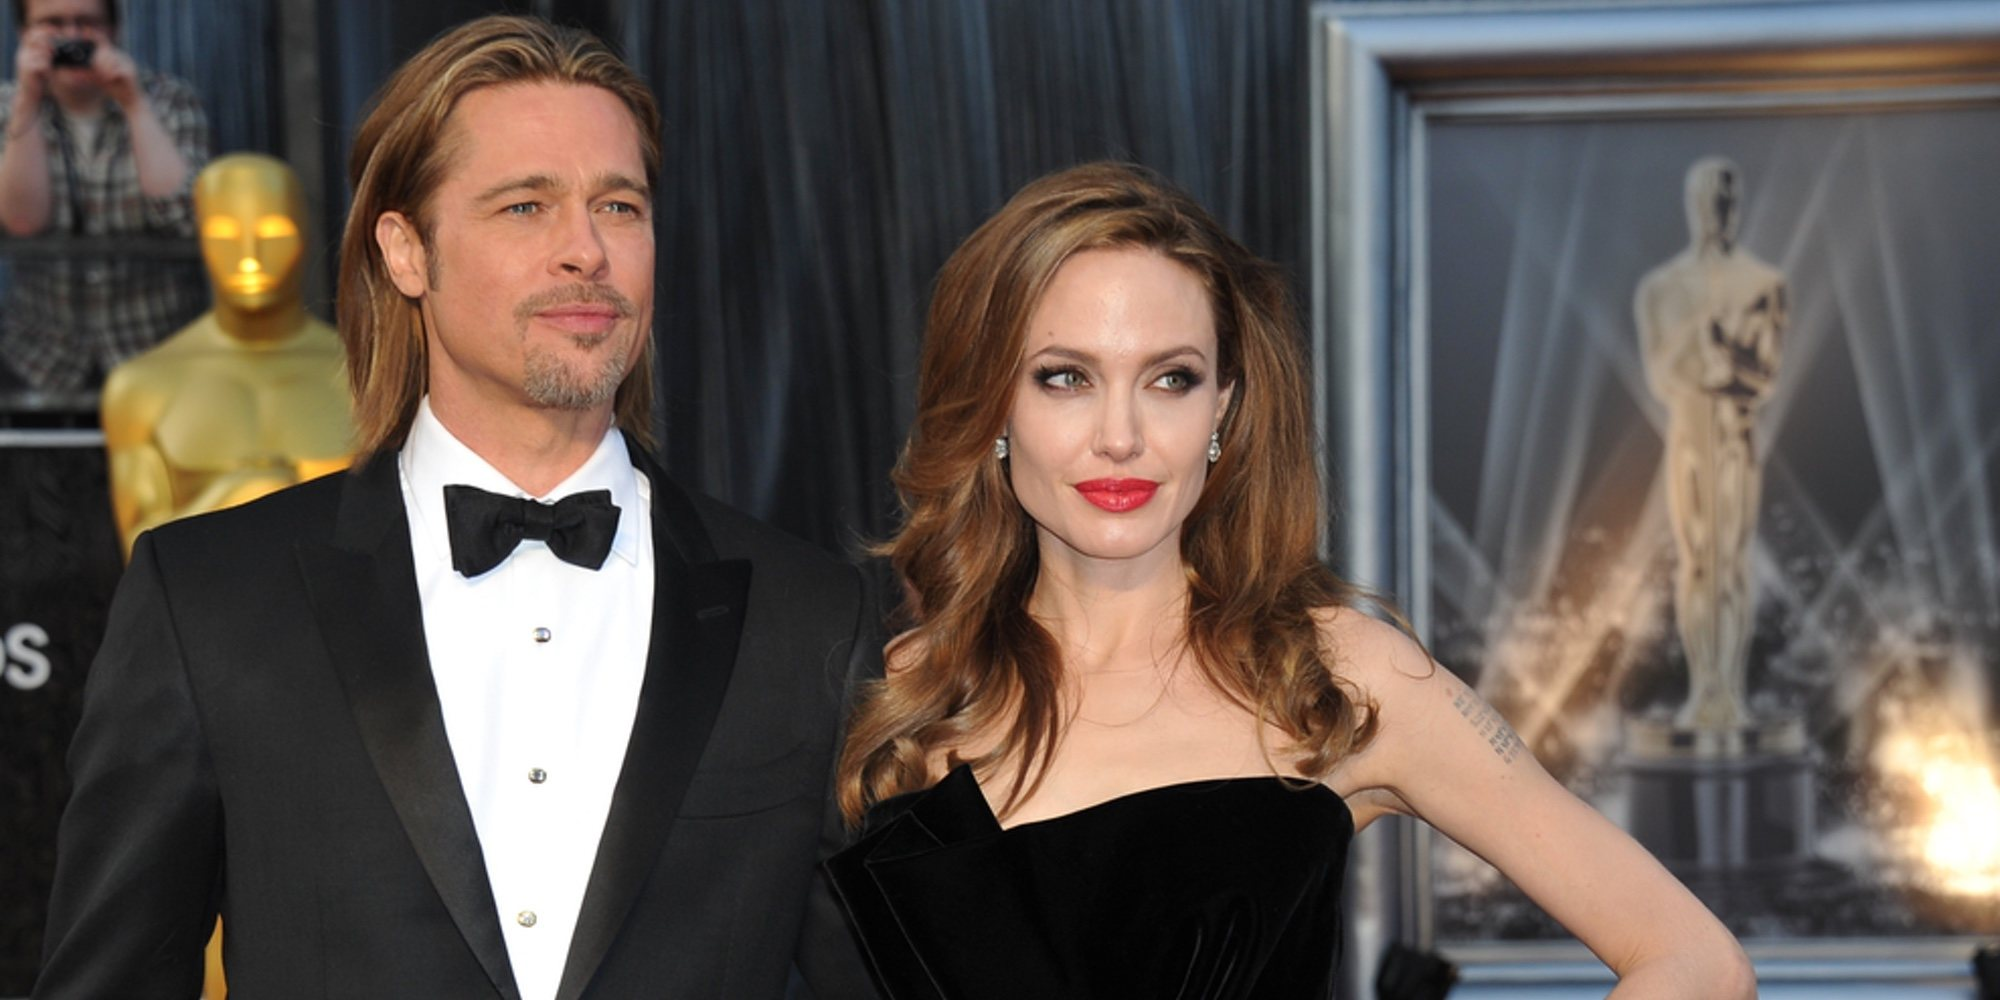 Se descubre el origen del dinero de las donaciones de Angelina Jolie y Brad Pitt